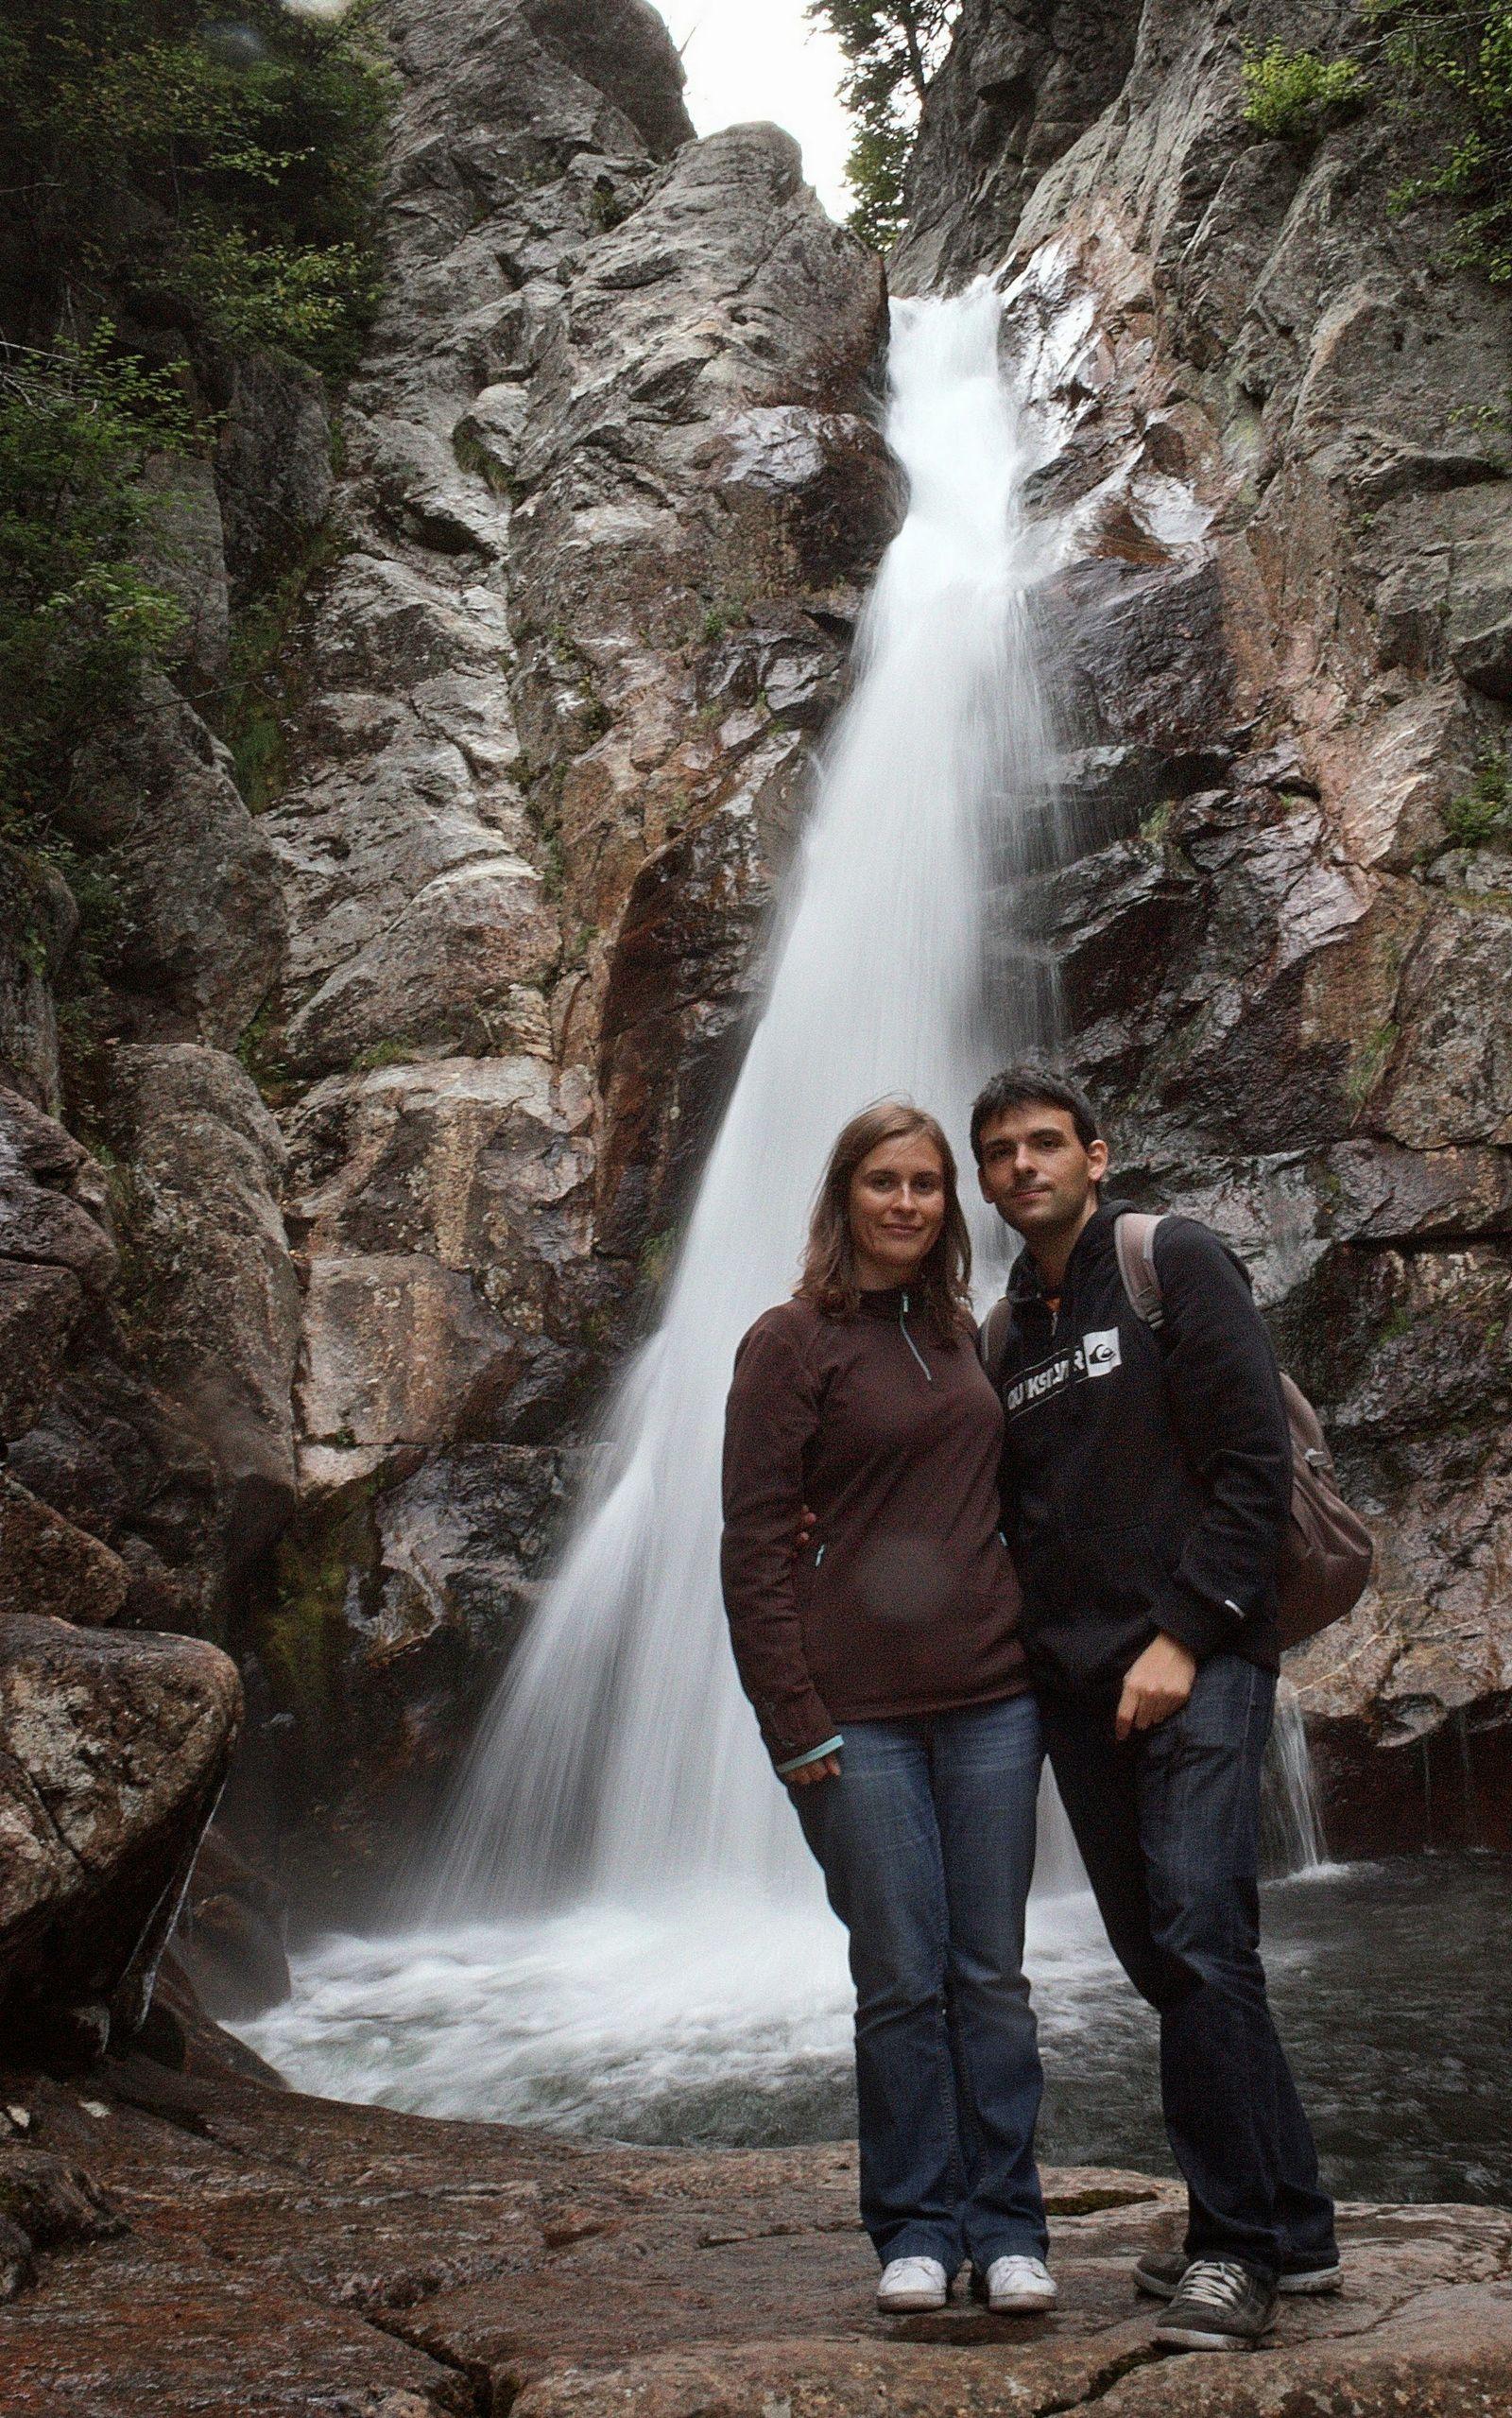 Glen Ellis Falls, o como tener una cascada para nosotros solos